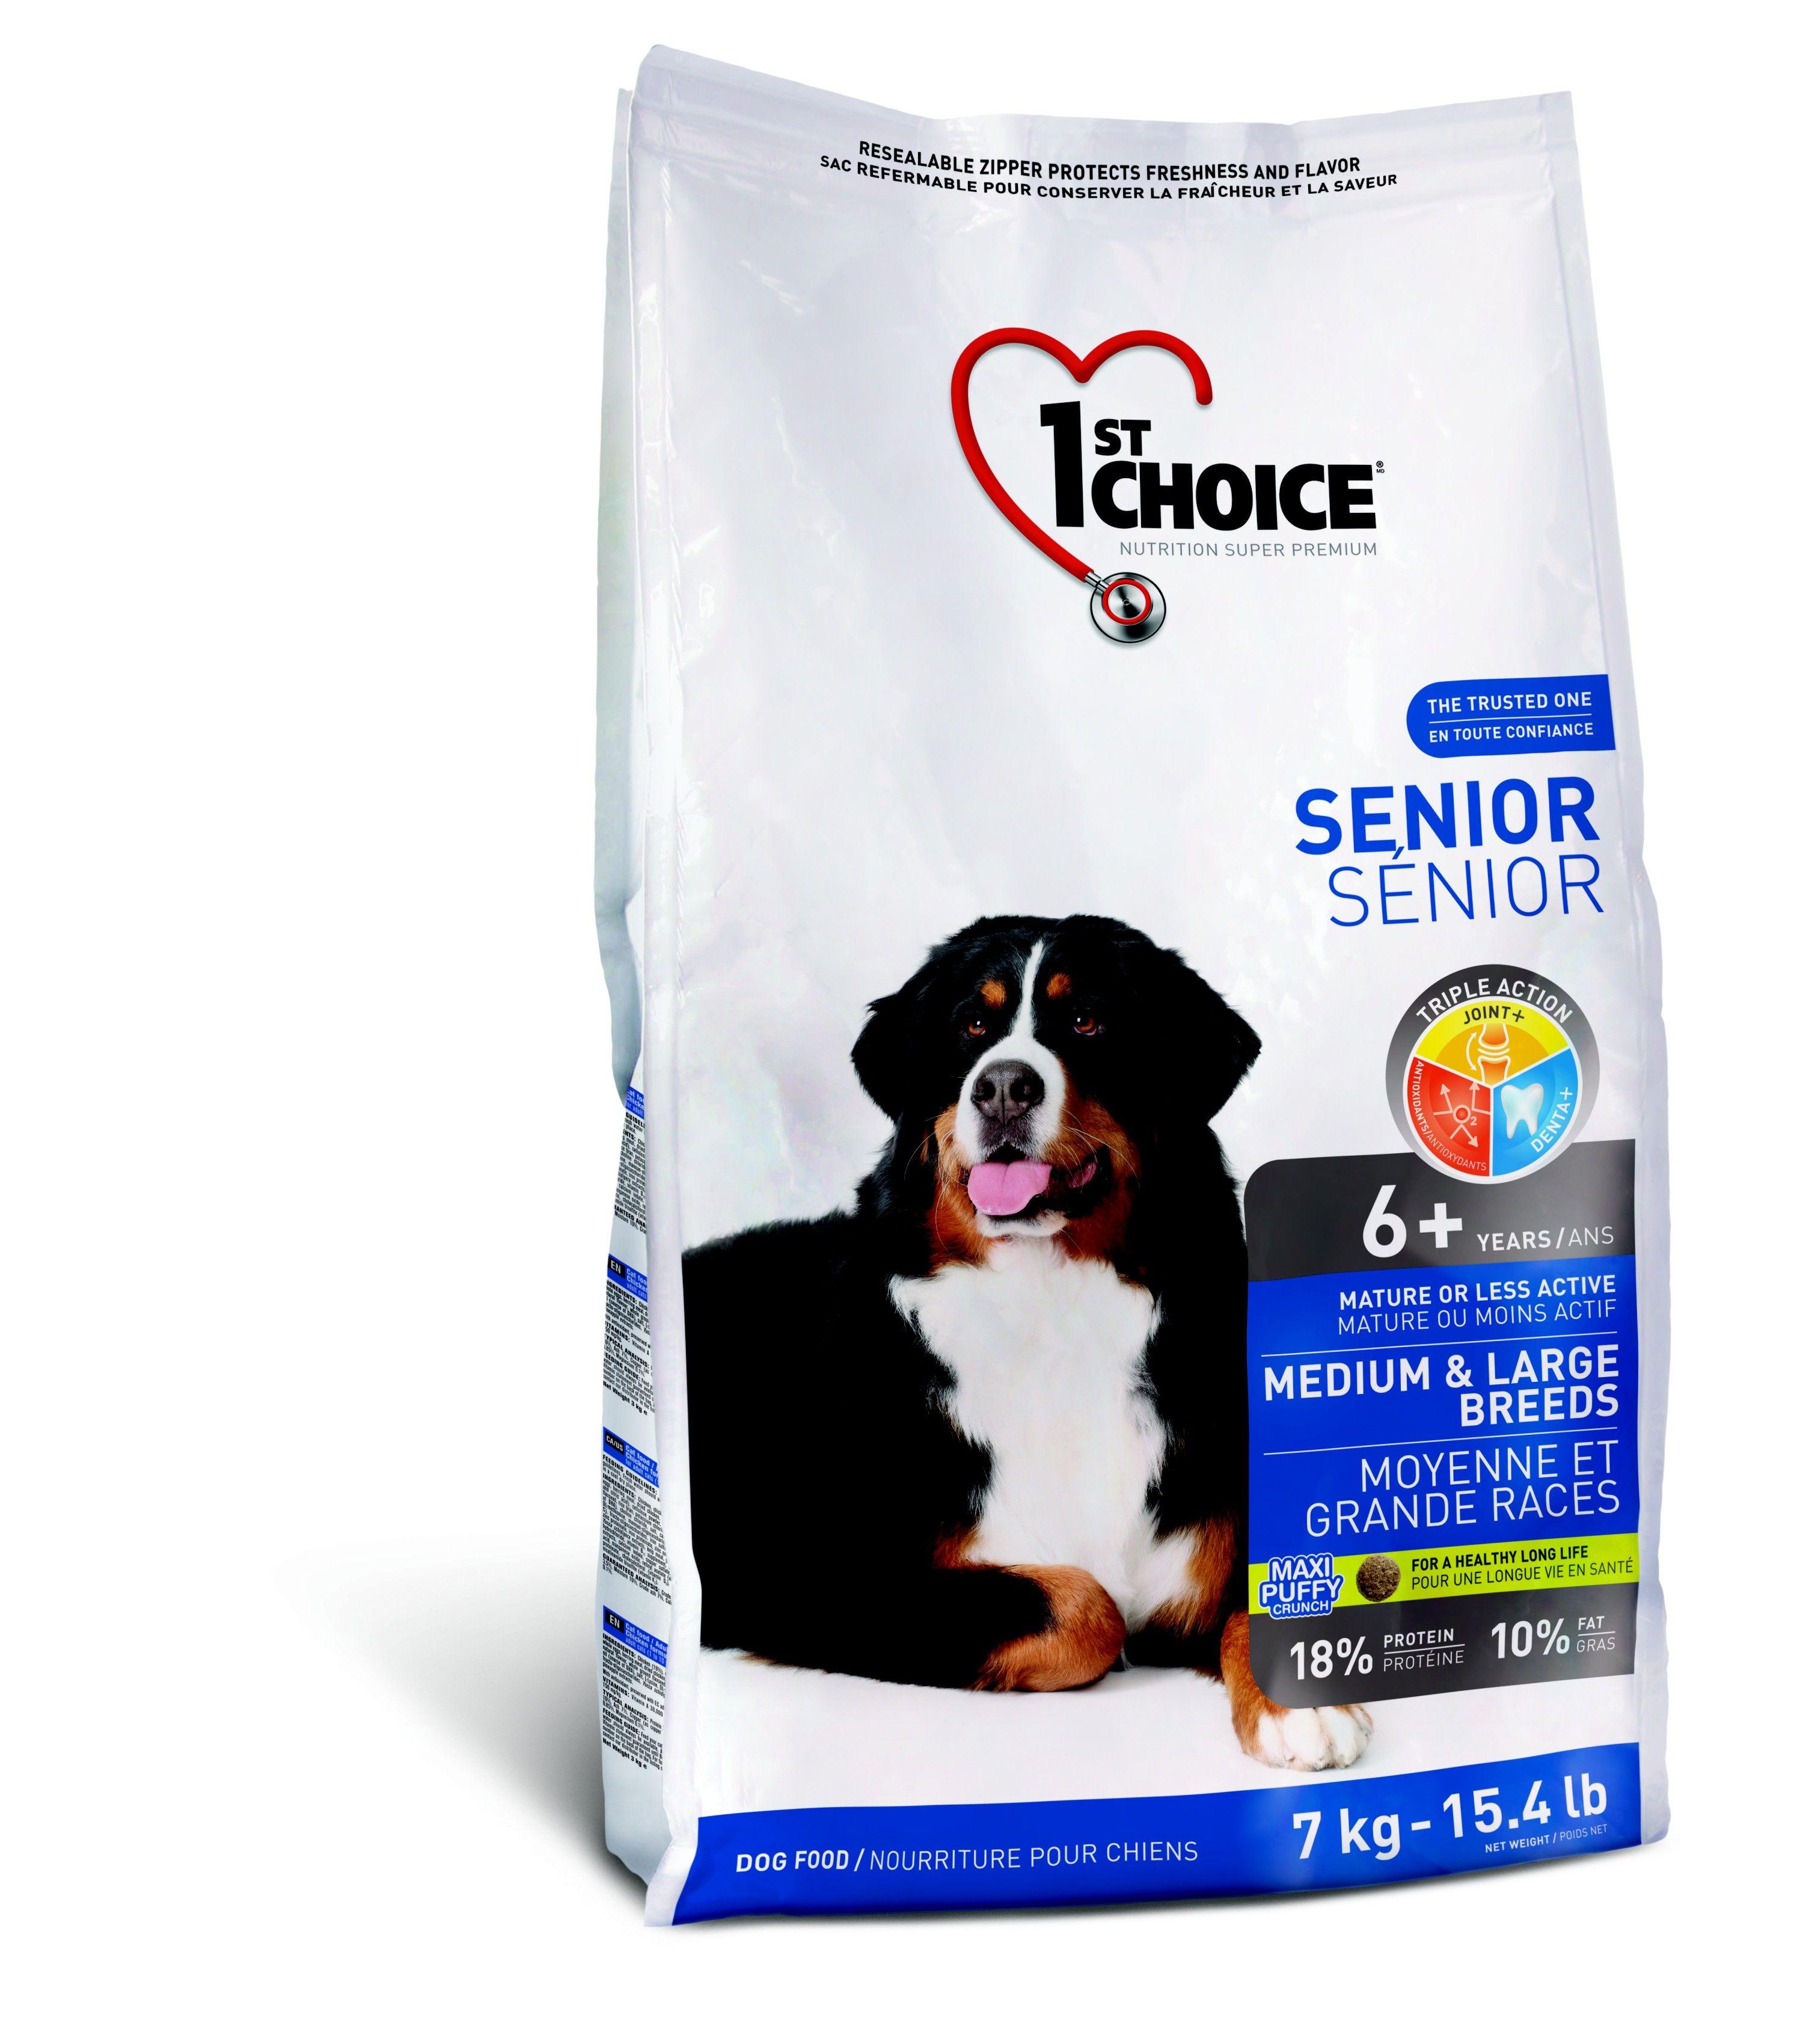 Корм 1st Choice  для пожилых собак средних и крупных пород, курица,  7кгПовседневные корма<br><br><br>Артикул: 102.329<br>Бренд: 1ST CHOICE<br>Вид: Сухие<br>Страна-изготовитель: Канада<br>Вес упаковки (кг): 7<br>Размер/порода: Средние и крупные<br>Ингредиенты: Кура<br>Для кого: Собаки